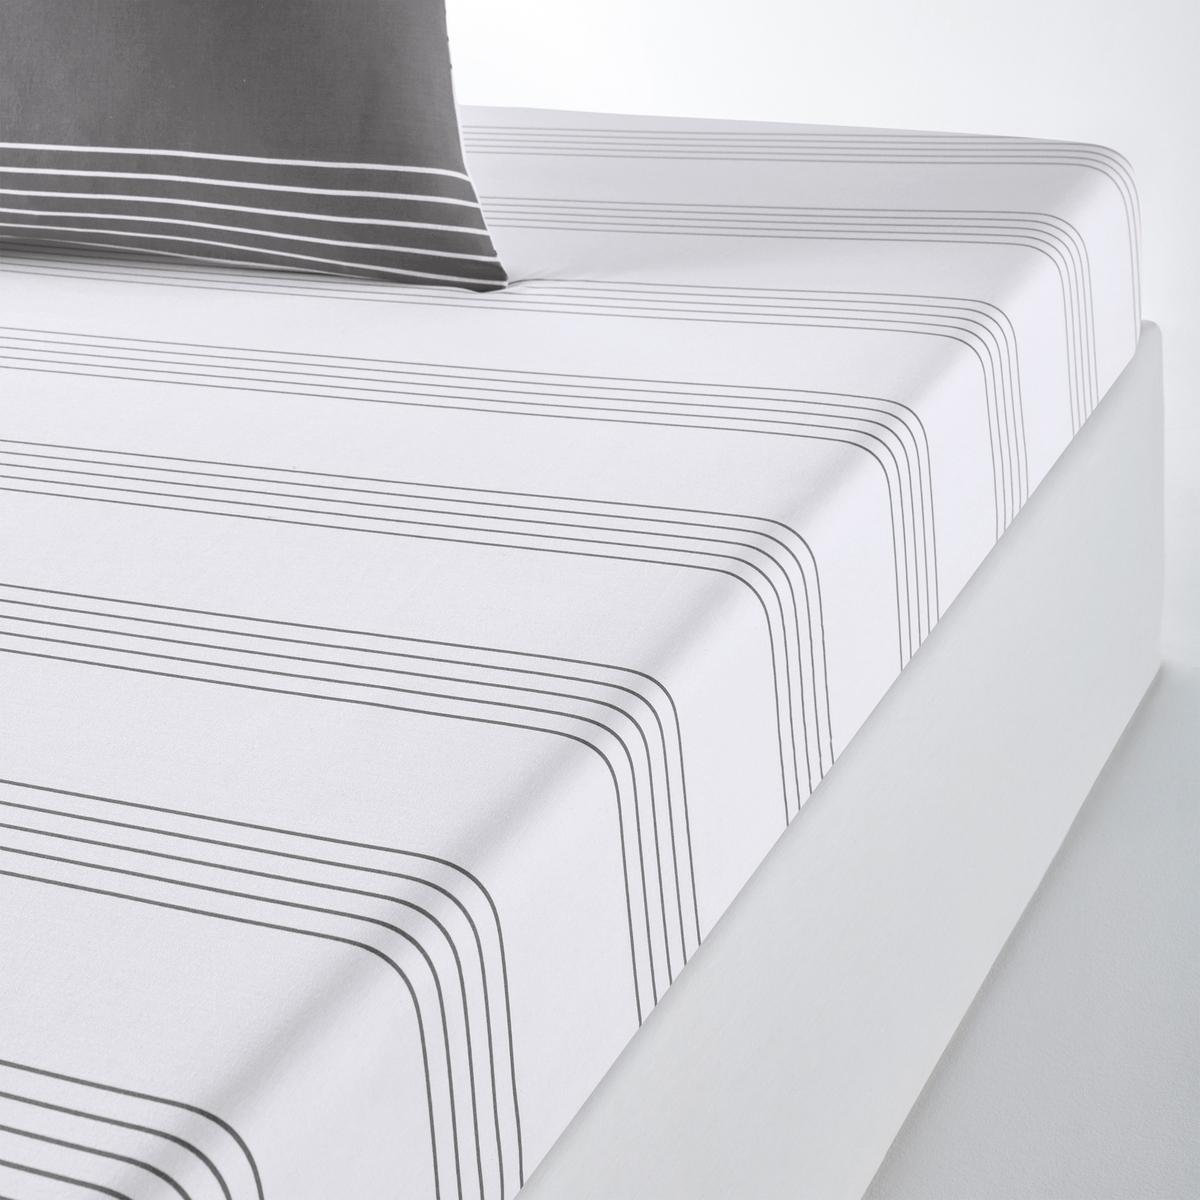 Натяжная простыня LaRedoute С рисунком HORIZON 180 x 200 см серый кровать laredoute numa 160 x 200 см серый